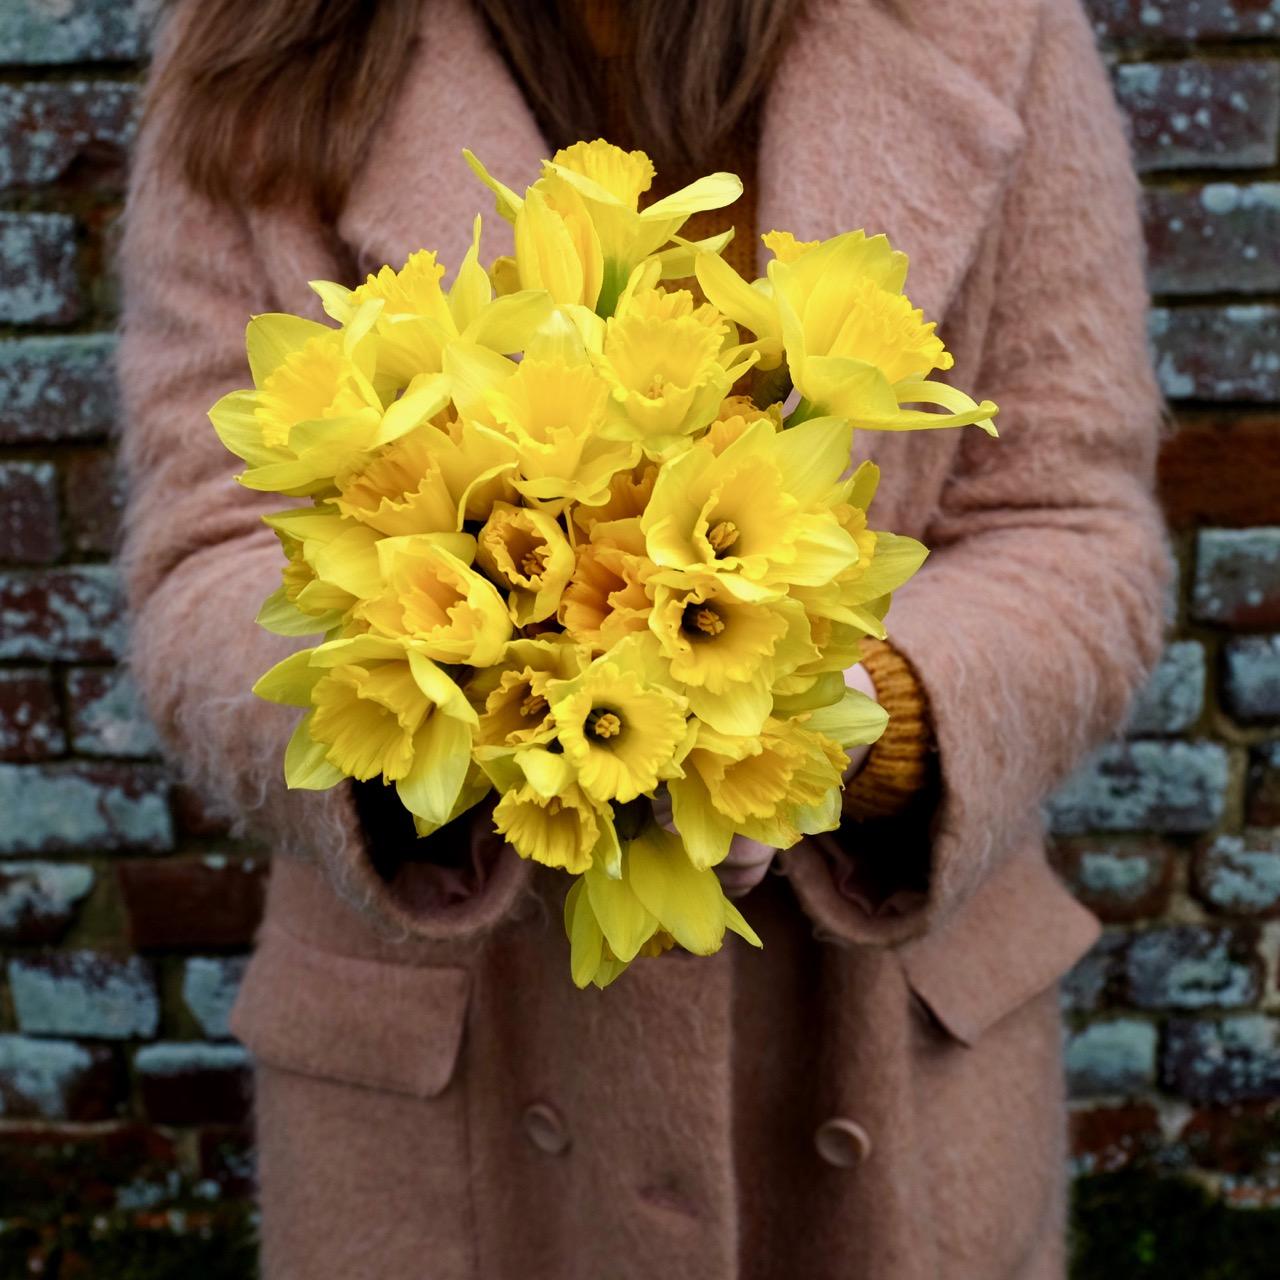 Big bunch of daffodils